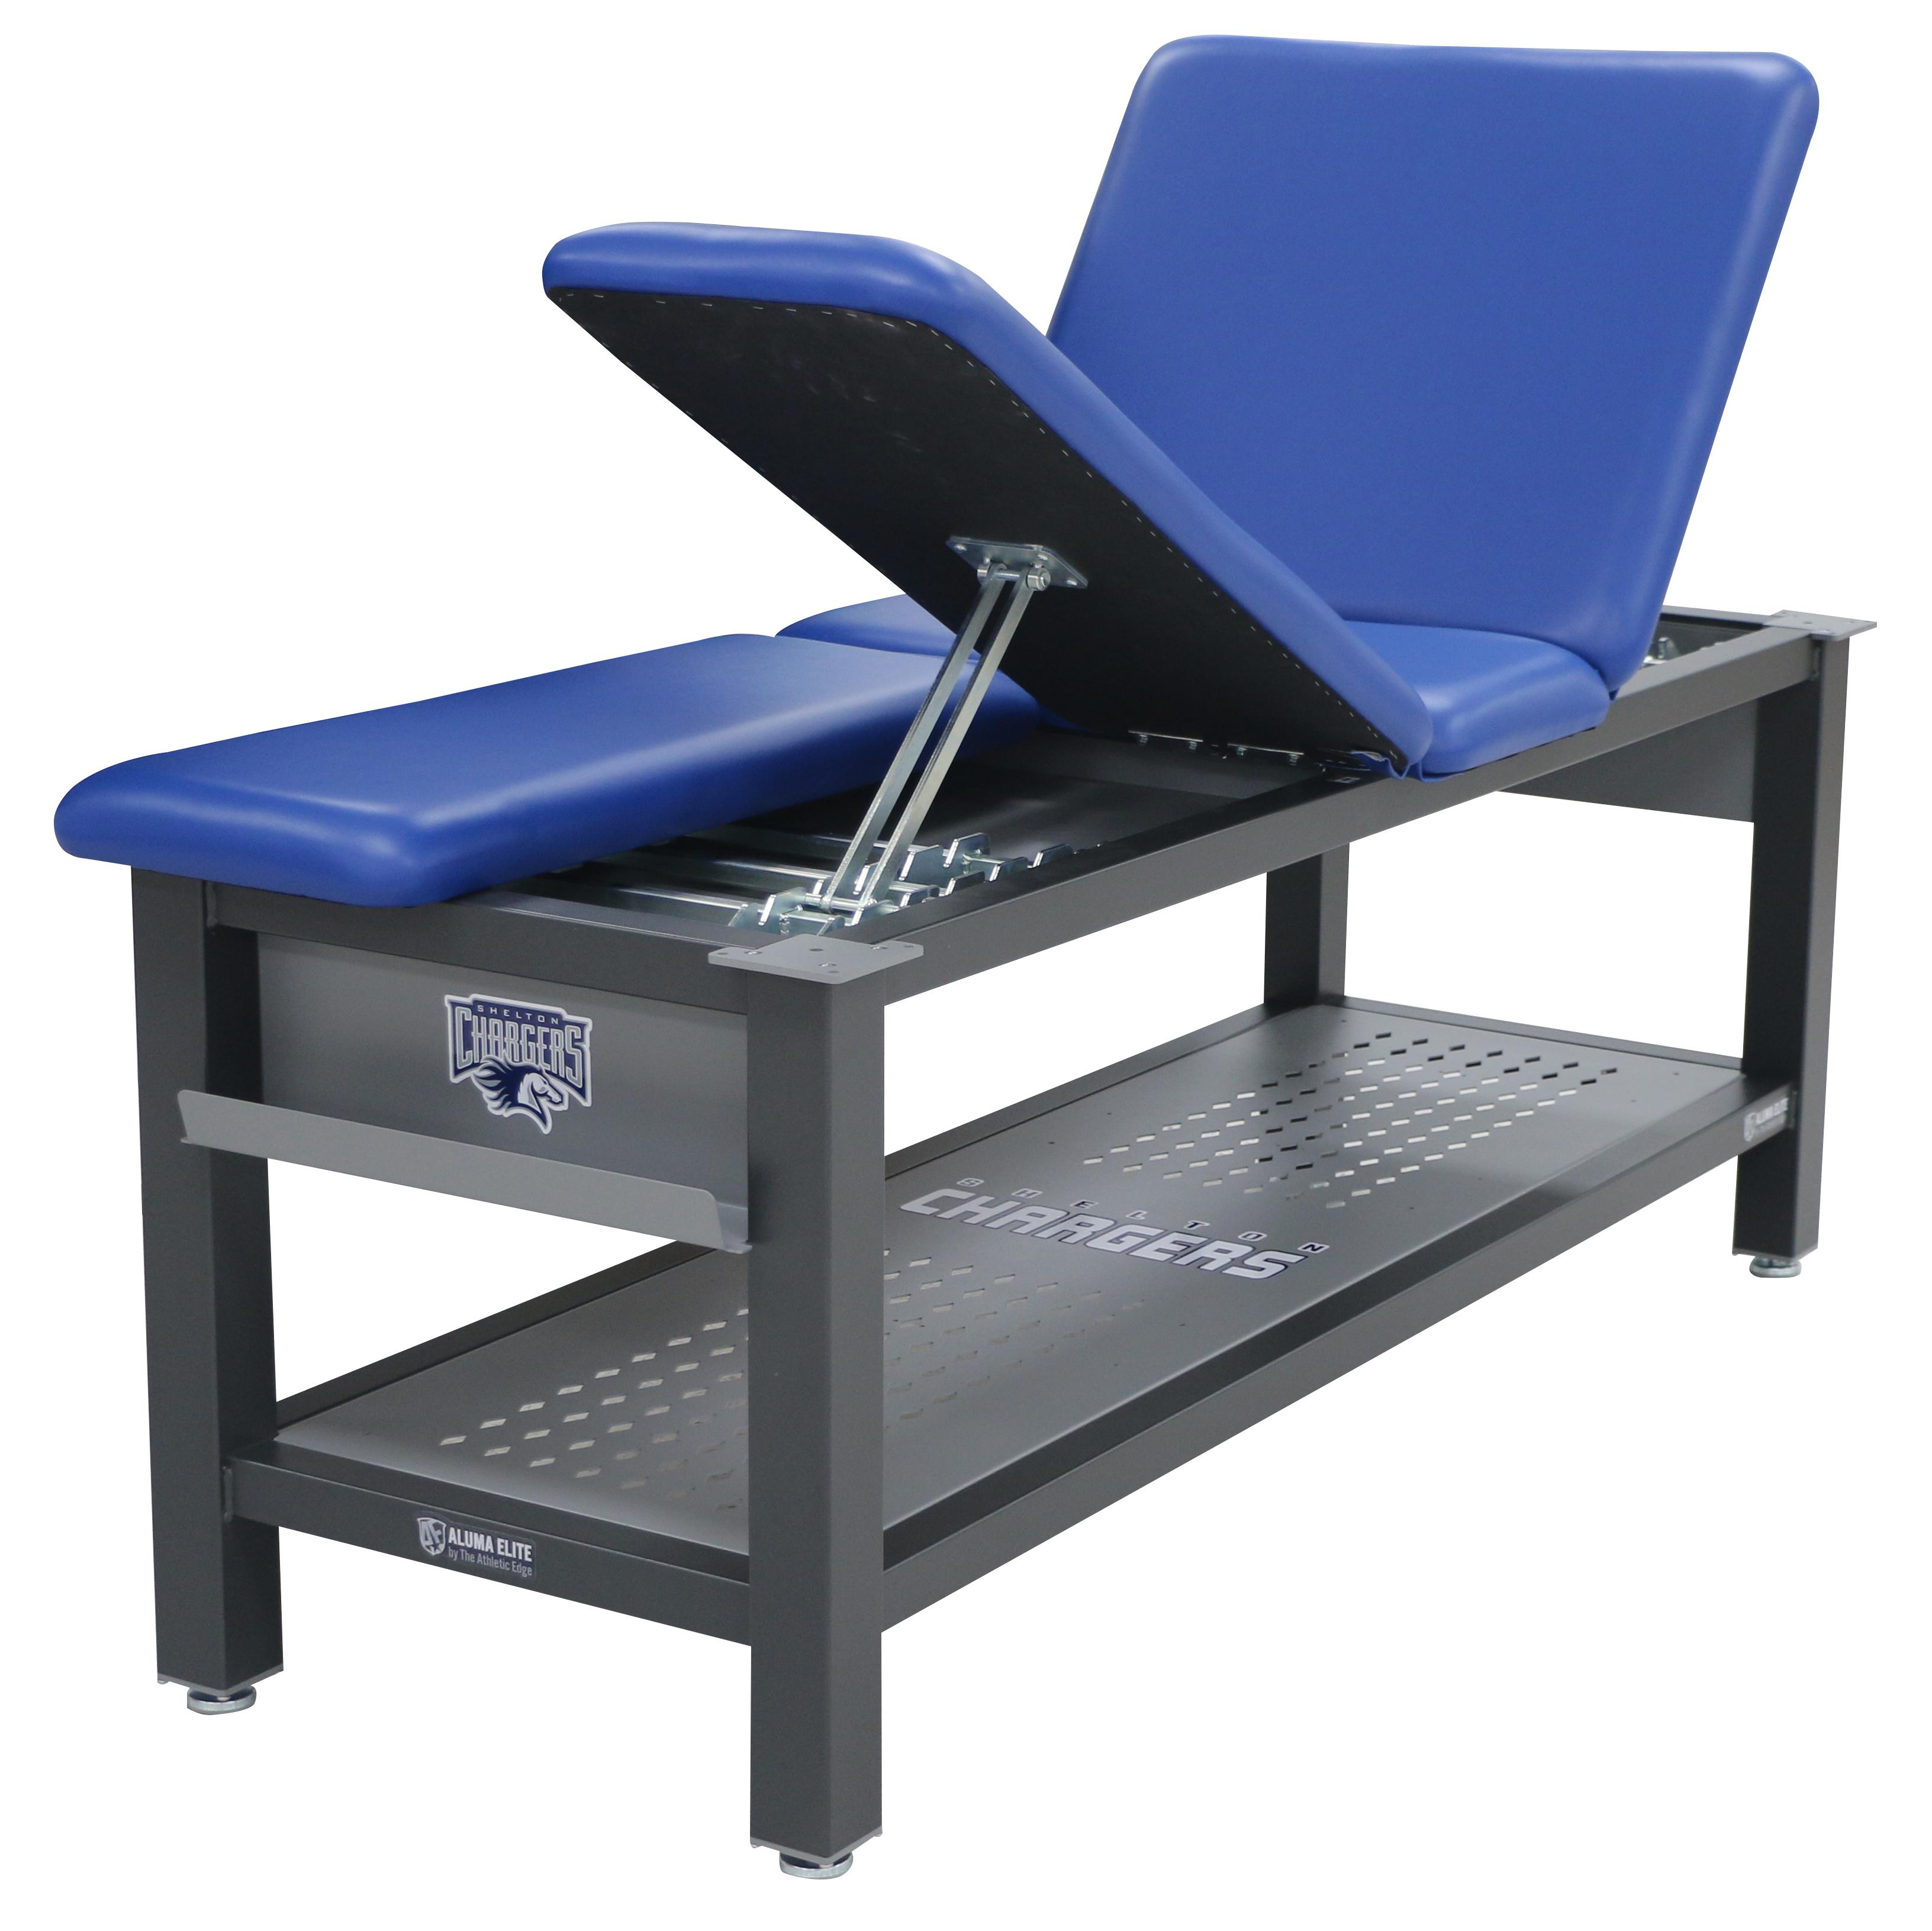 Shelton HS-(Aluma Elite Treatment Table)